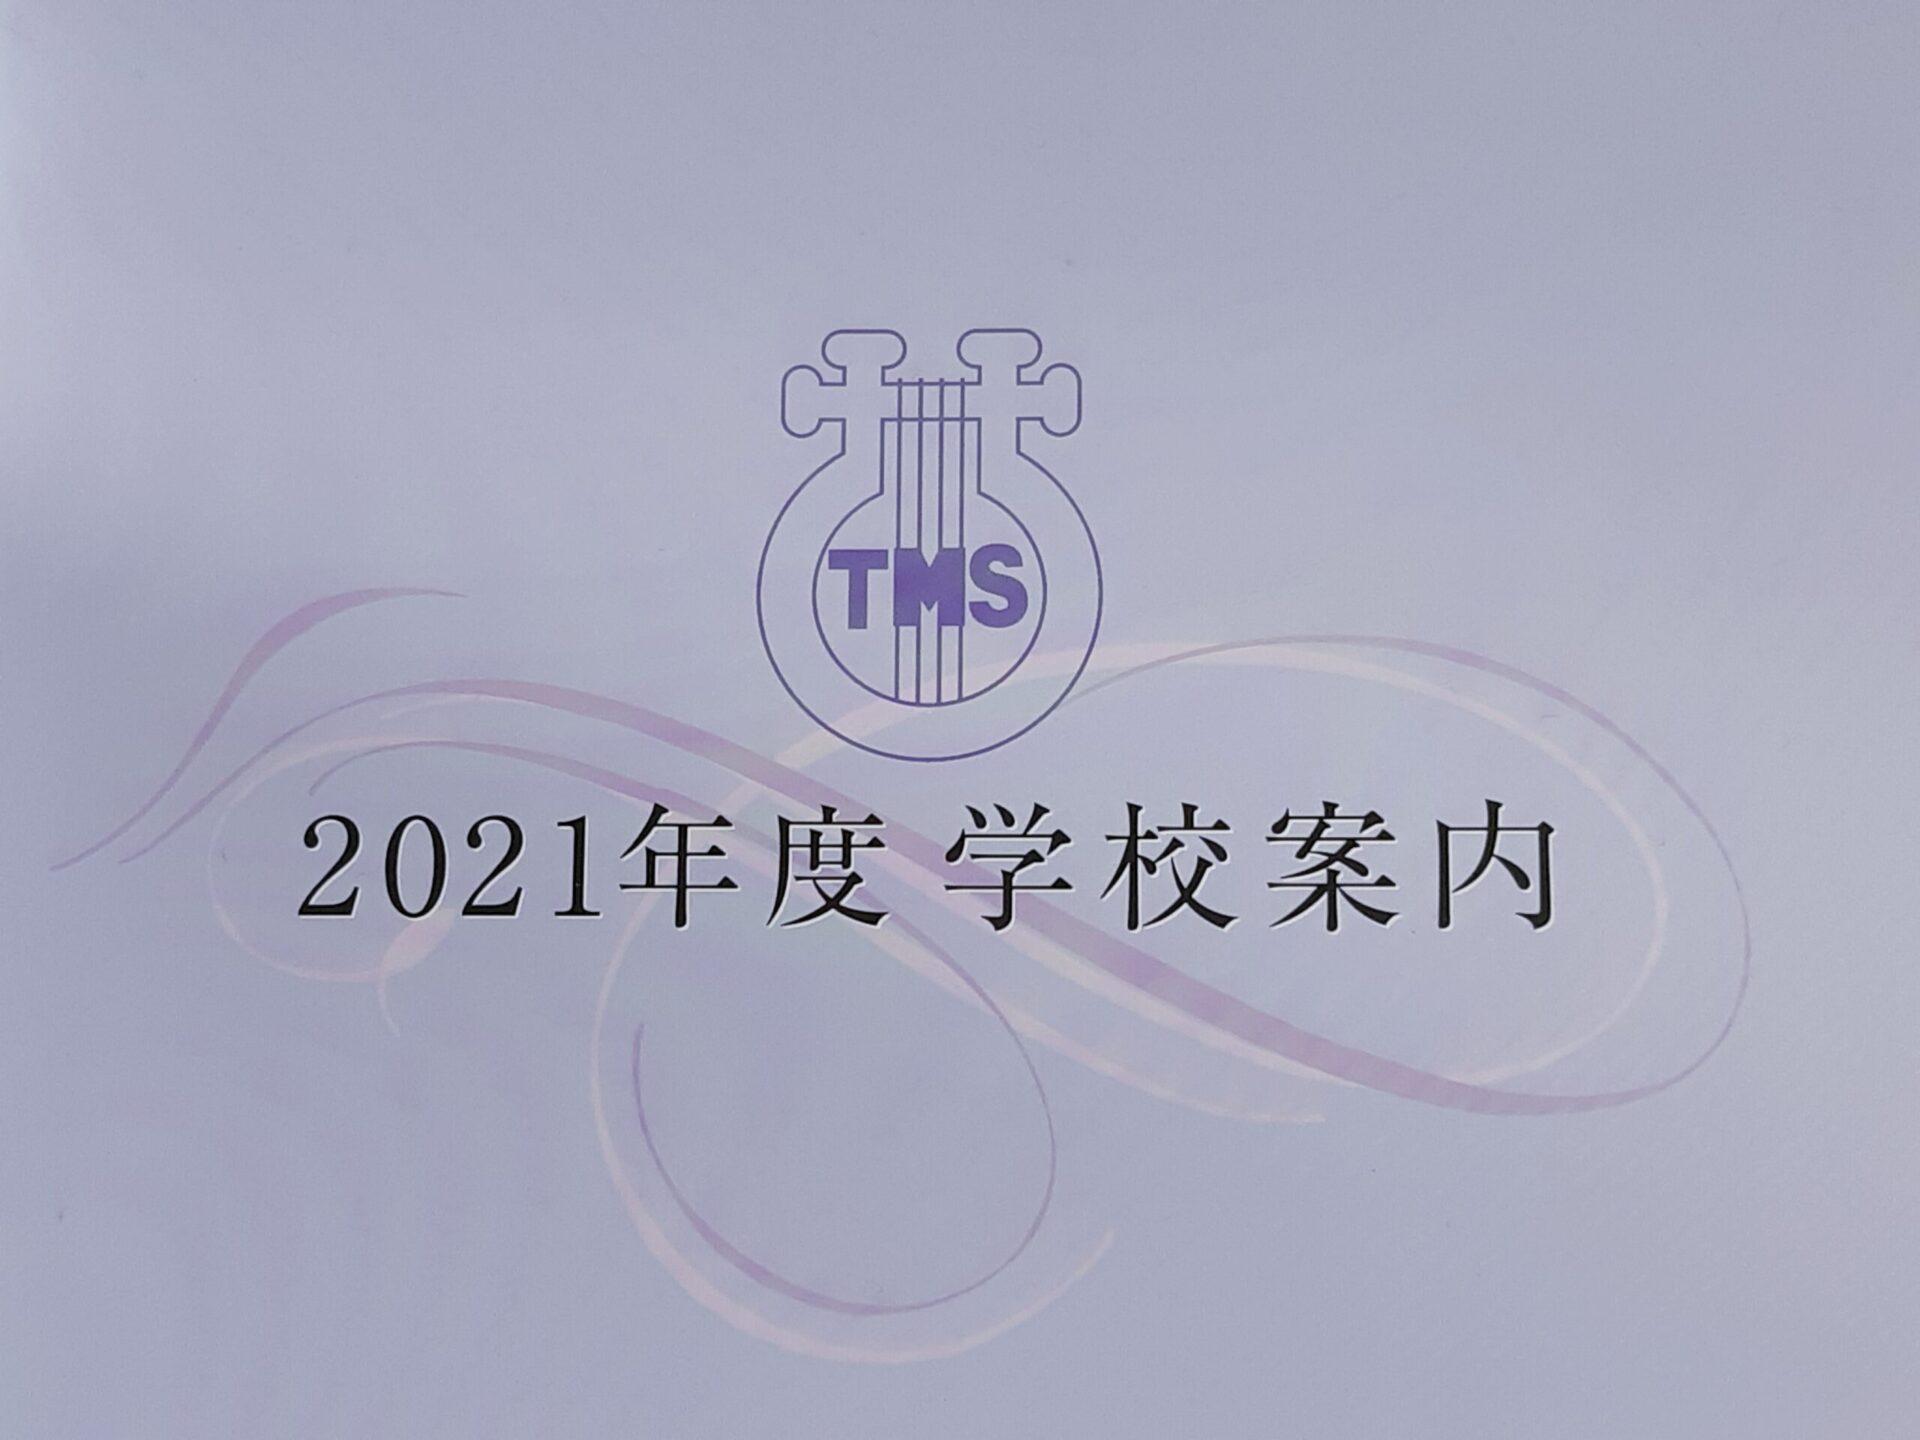 【速報】2021年度の宝塚音楽学校、試験内容変更についての写真